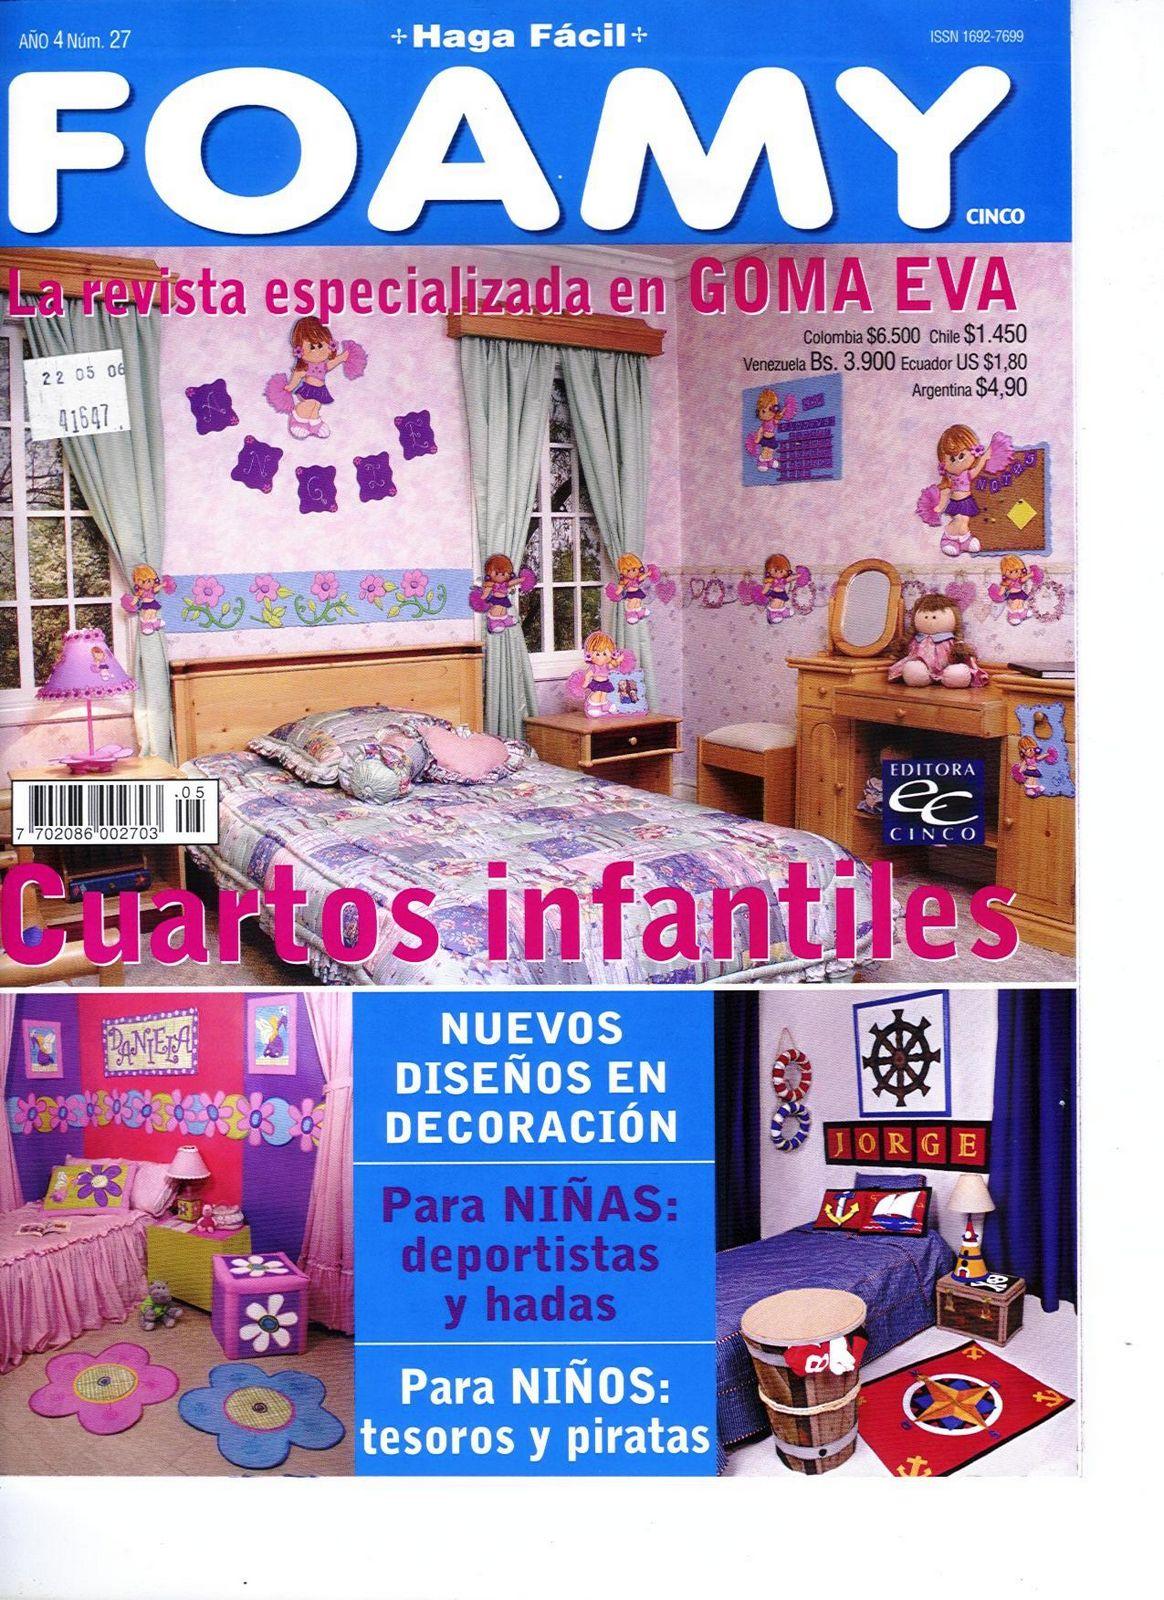 Foamy cuartos infantiles para ni as deportistas y hadas for Cuartos decorados para nino y nina